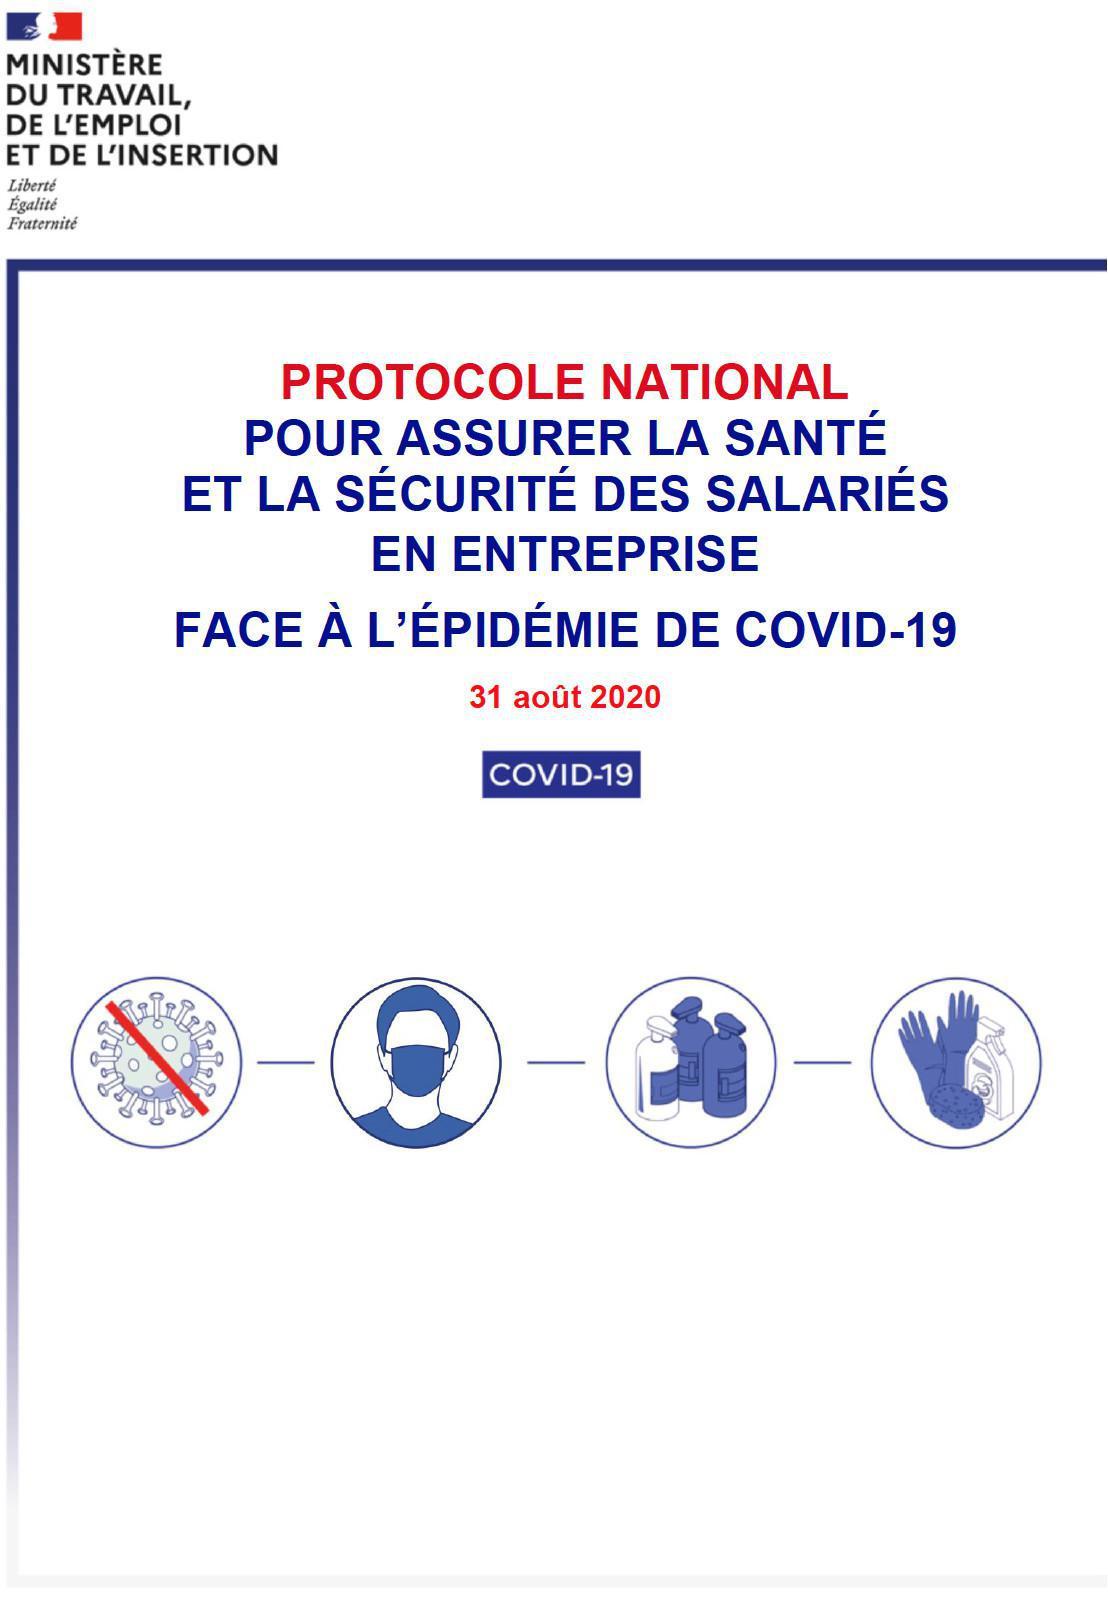 Protocole national pour assurer la santé et la sécurité des salariés en entreprise face à l'épidémie de Covid19 - 31 août 2020